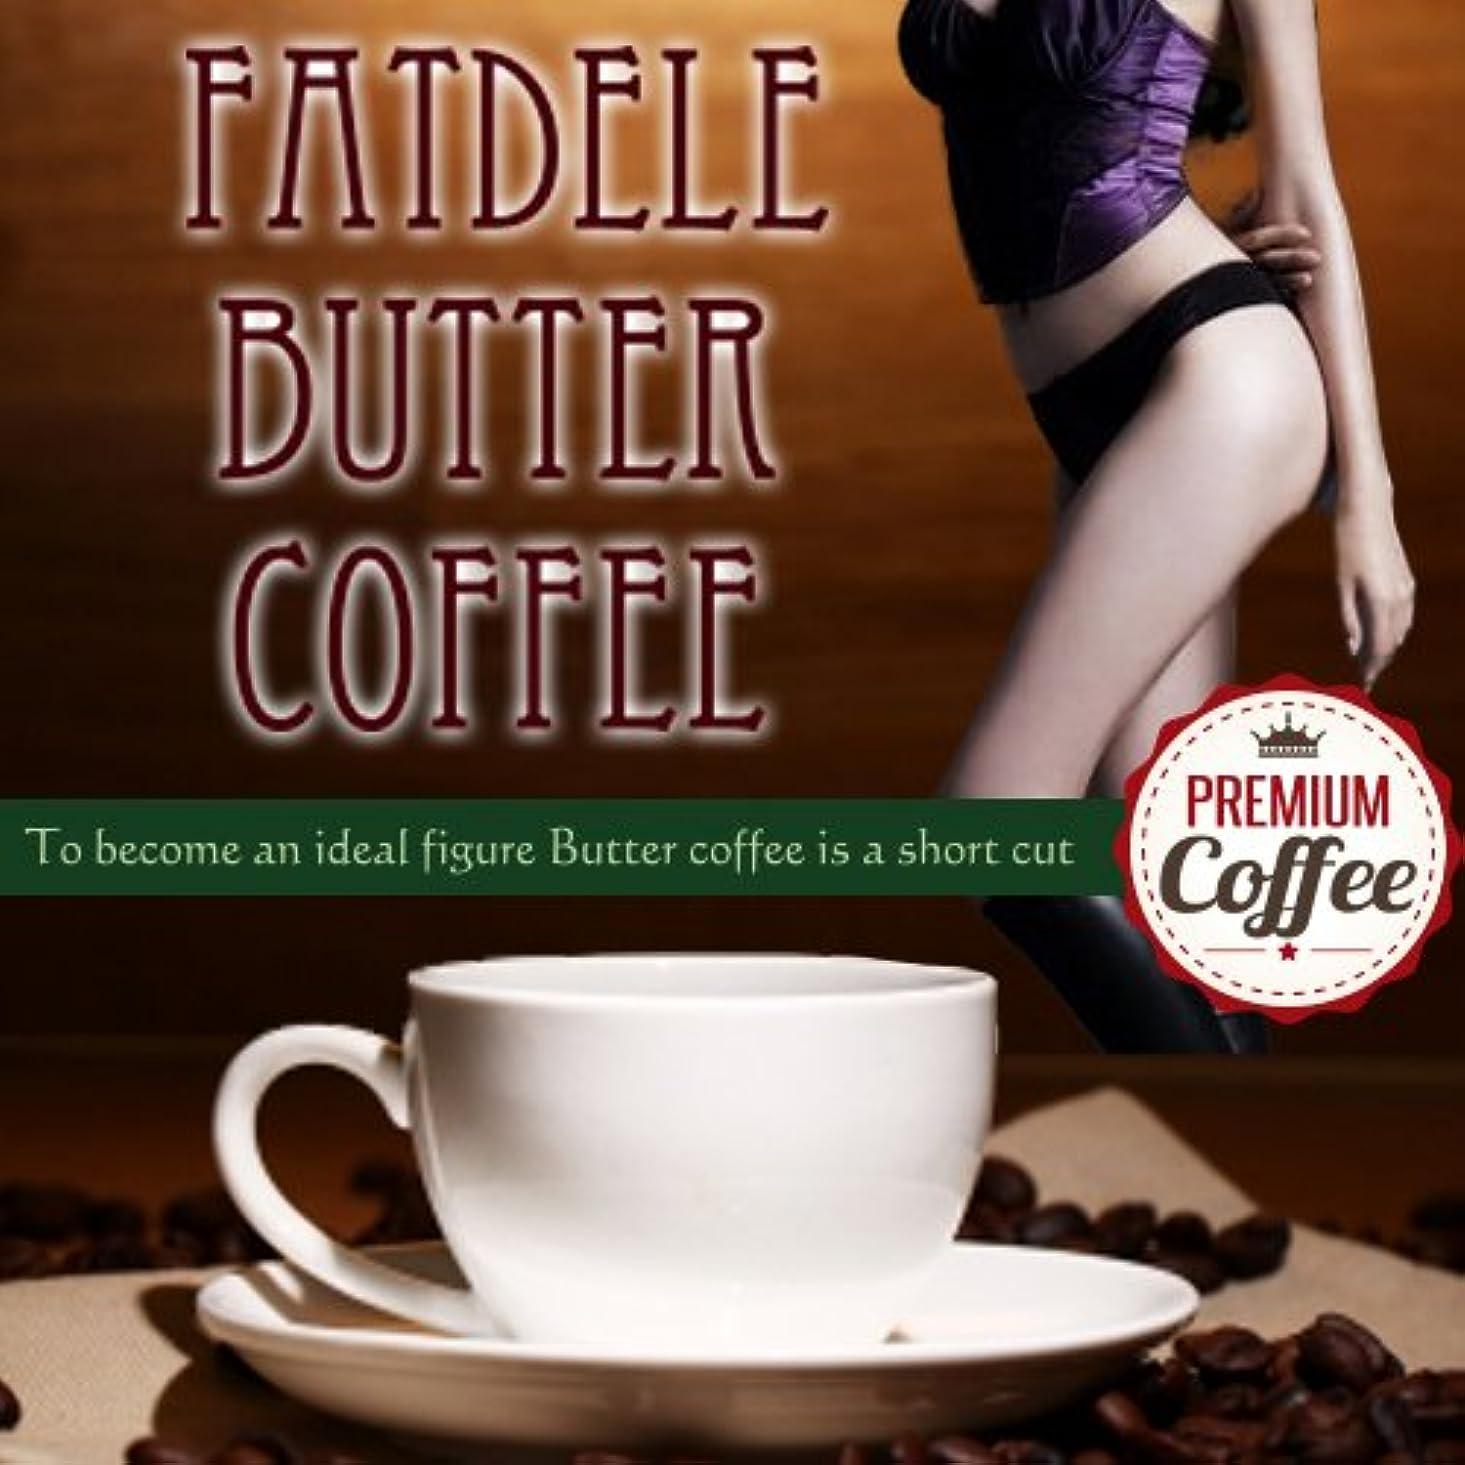 愛するビジター方向ファットデルバターコーヒー バターコーヒー ダイエットコーヒー